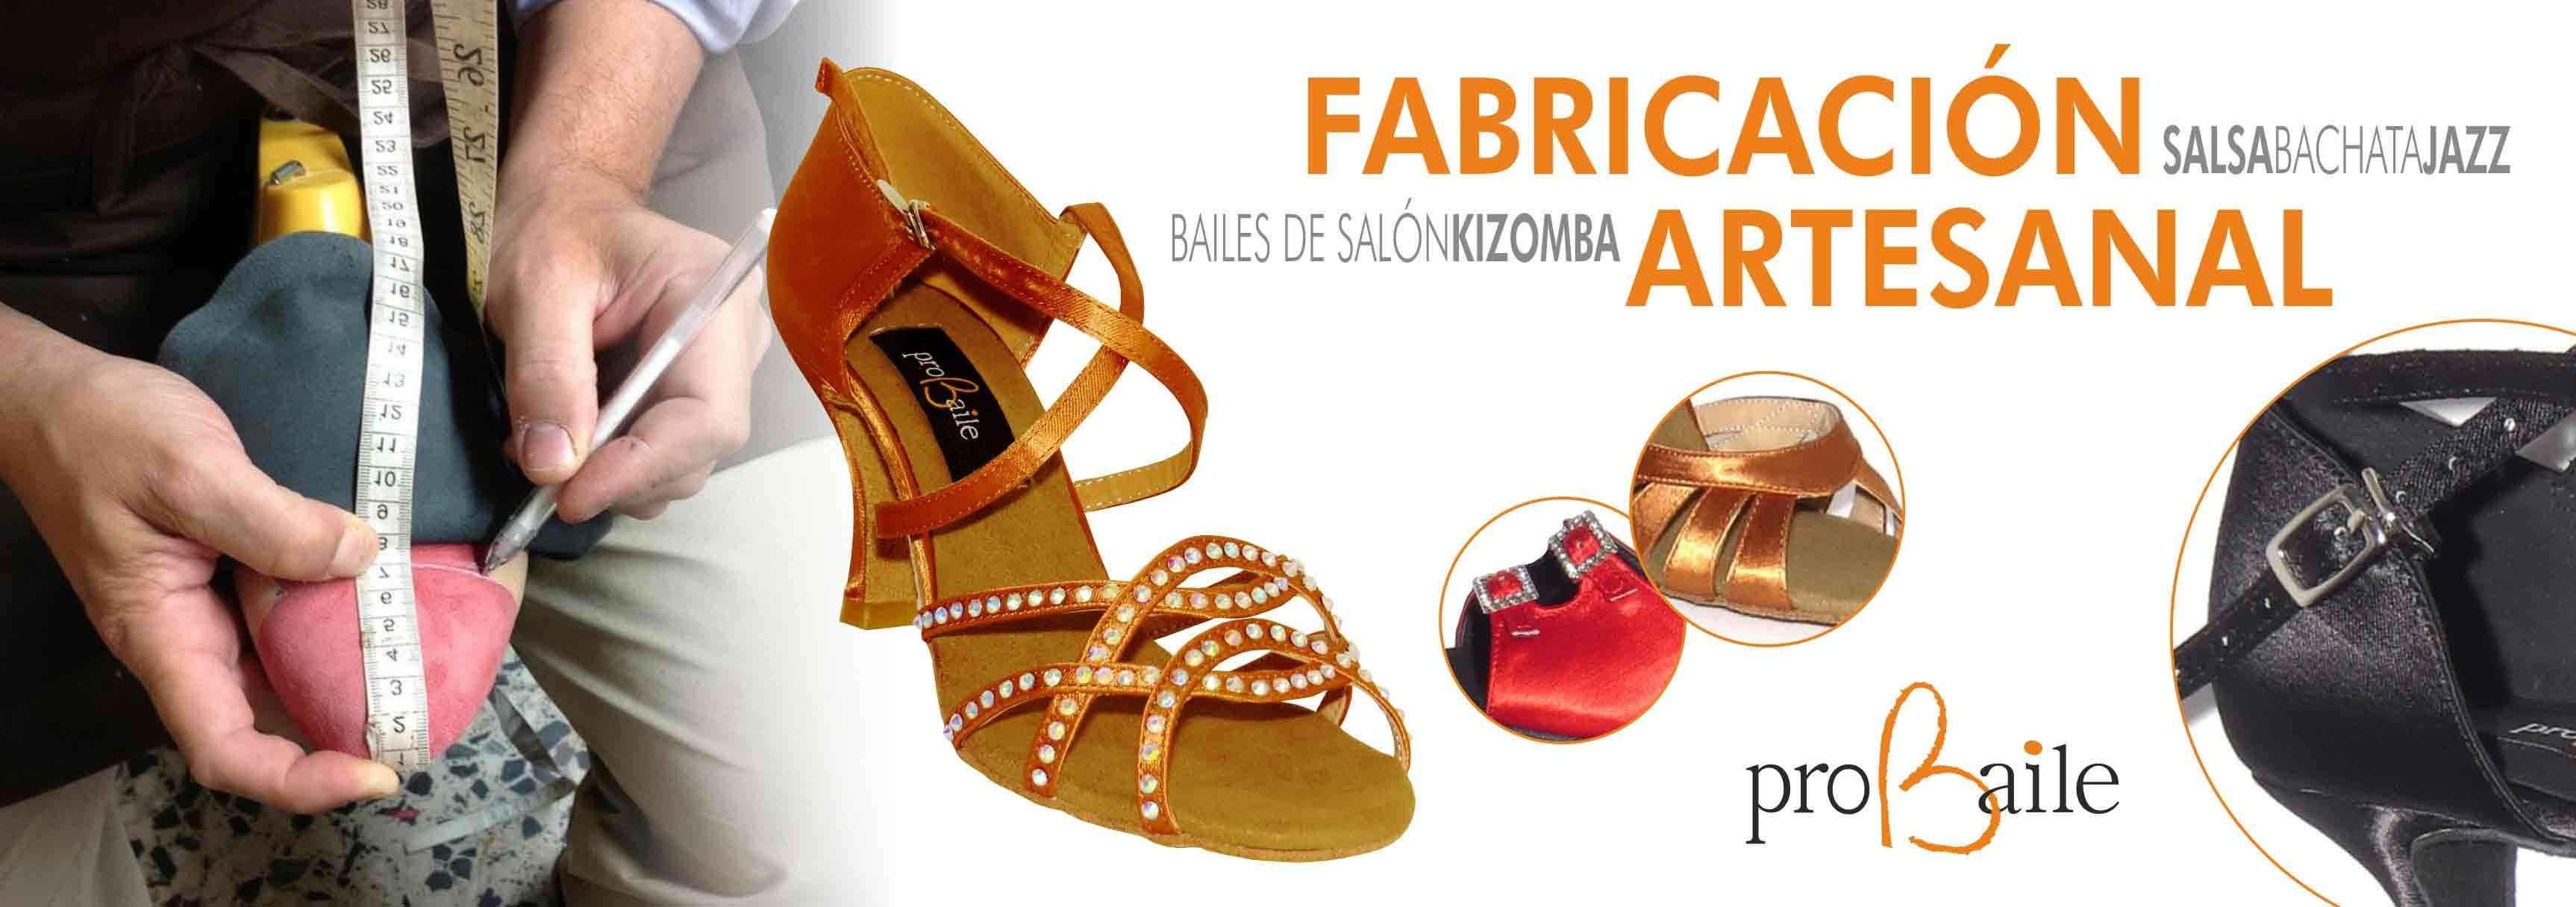 Fabricación artesanal zapatos de baile